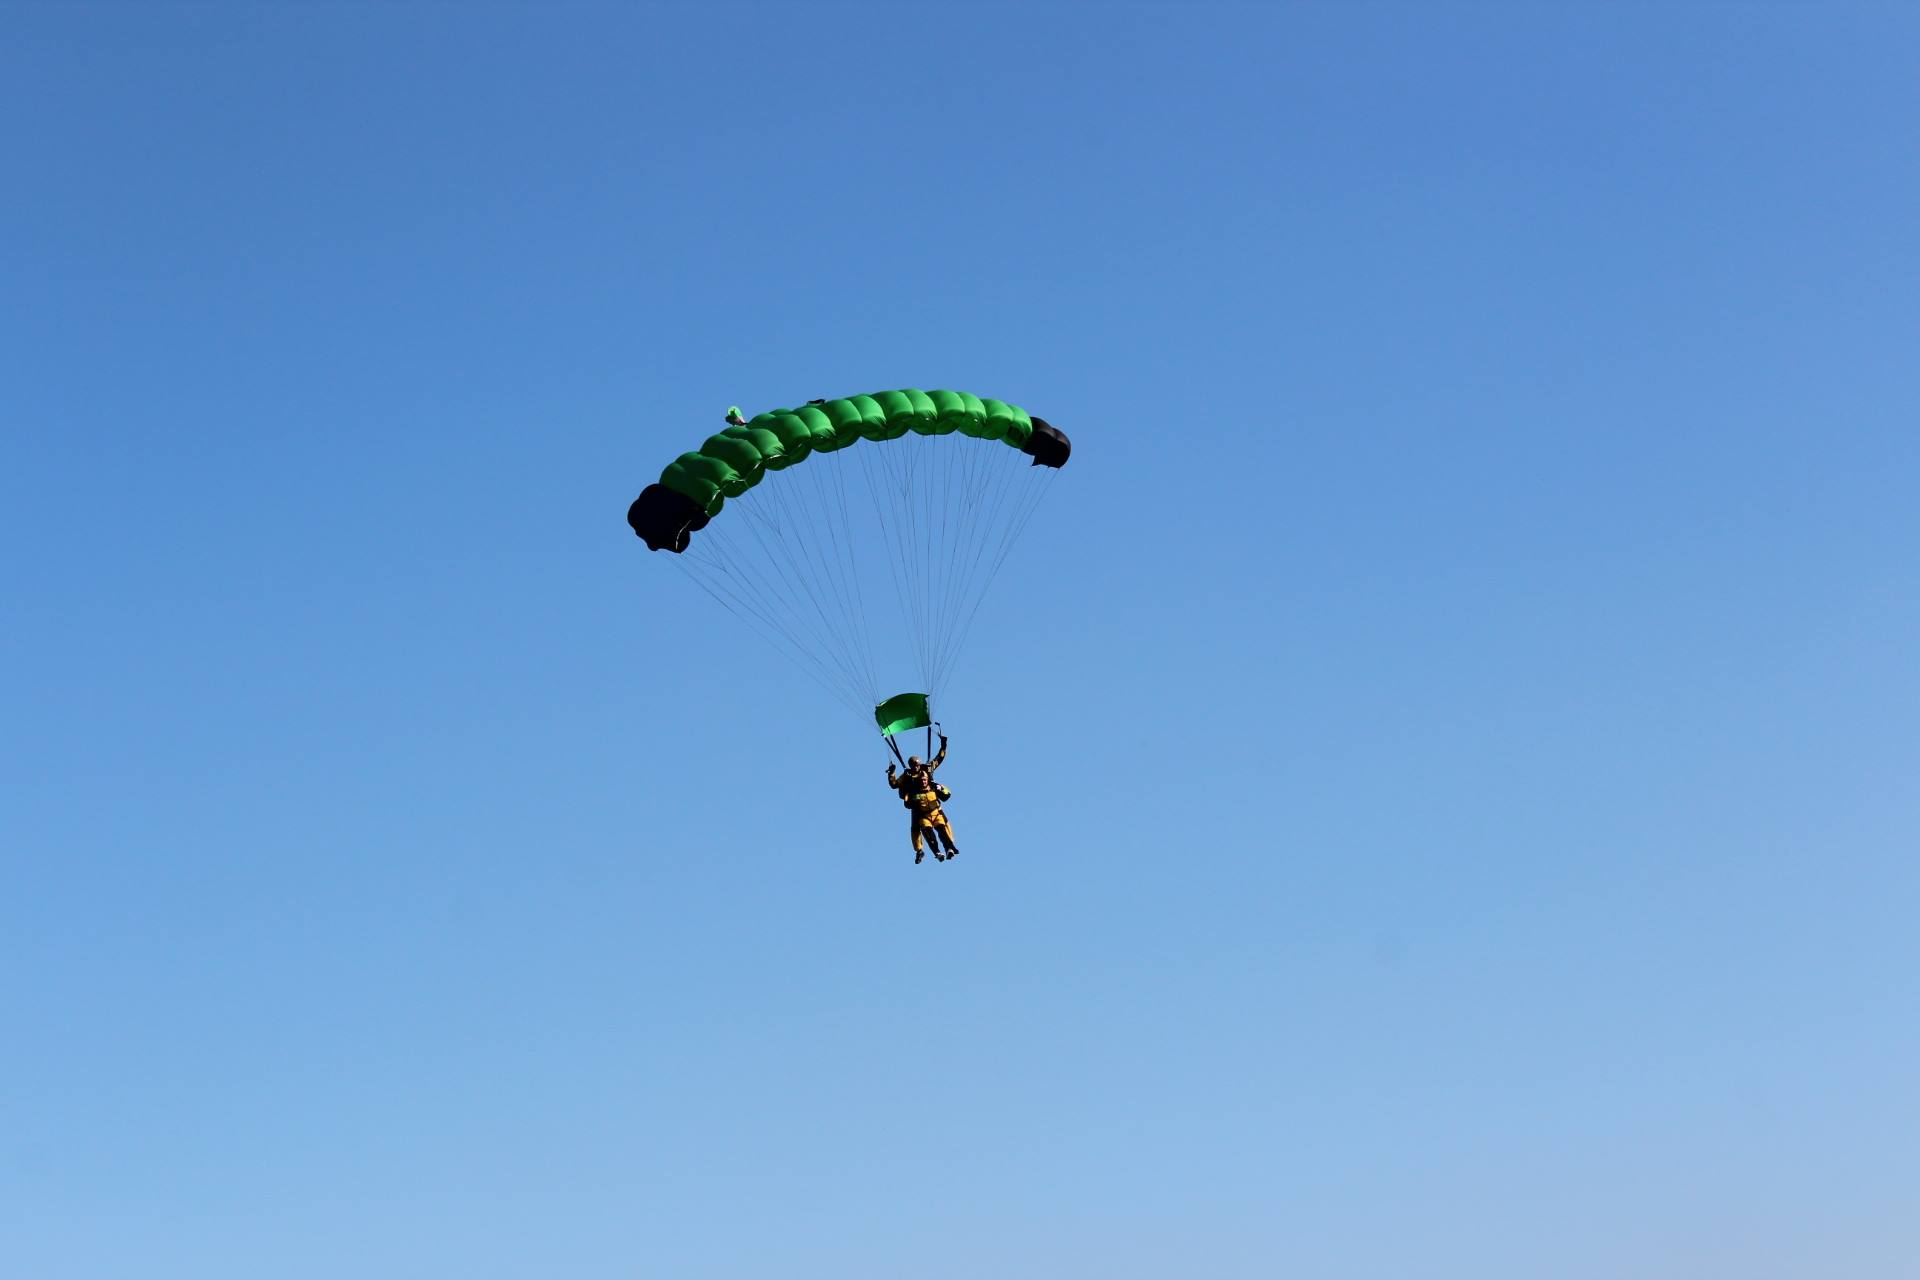 skoki na spadochronie w parze kraków